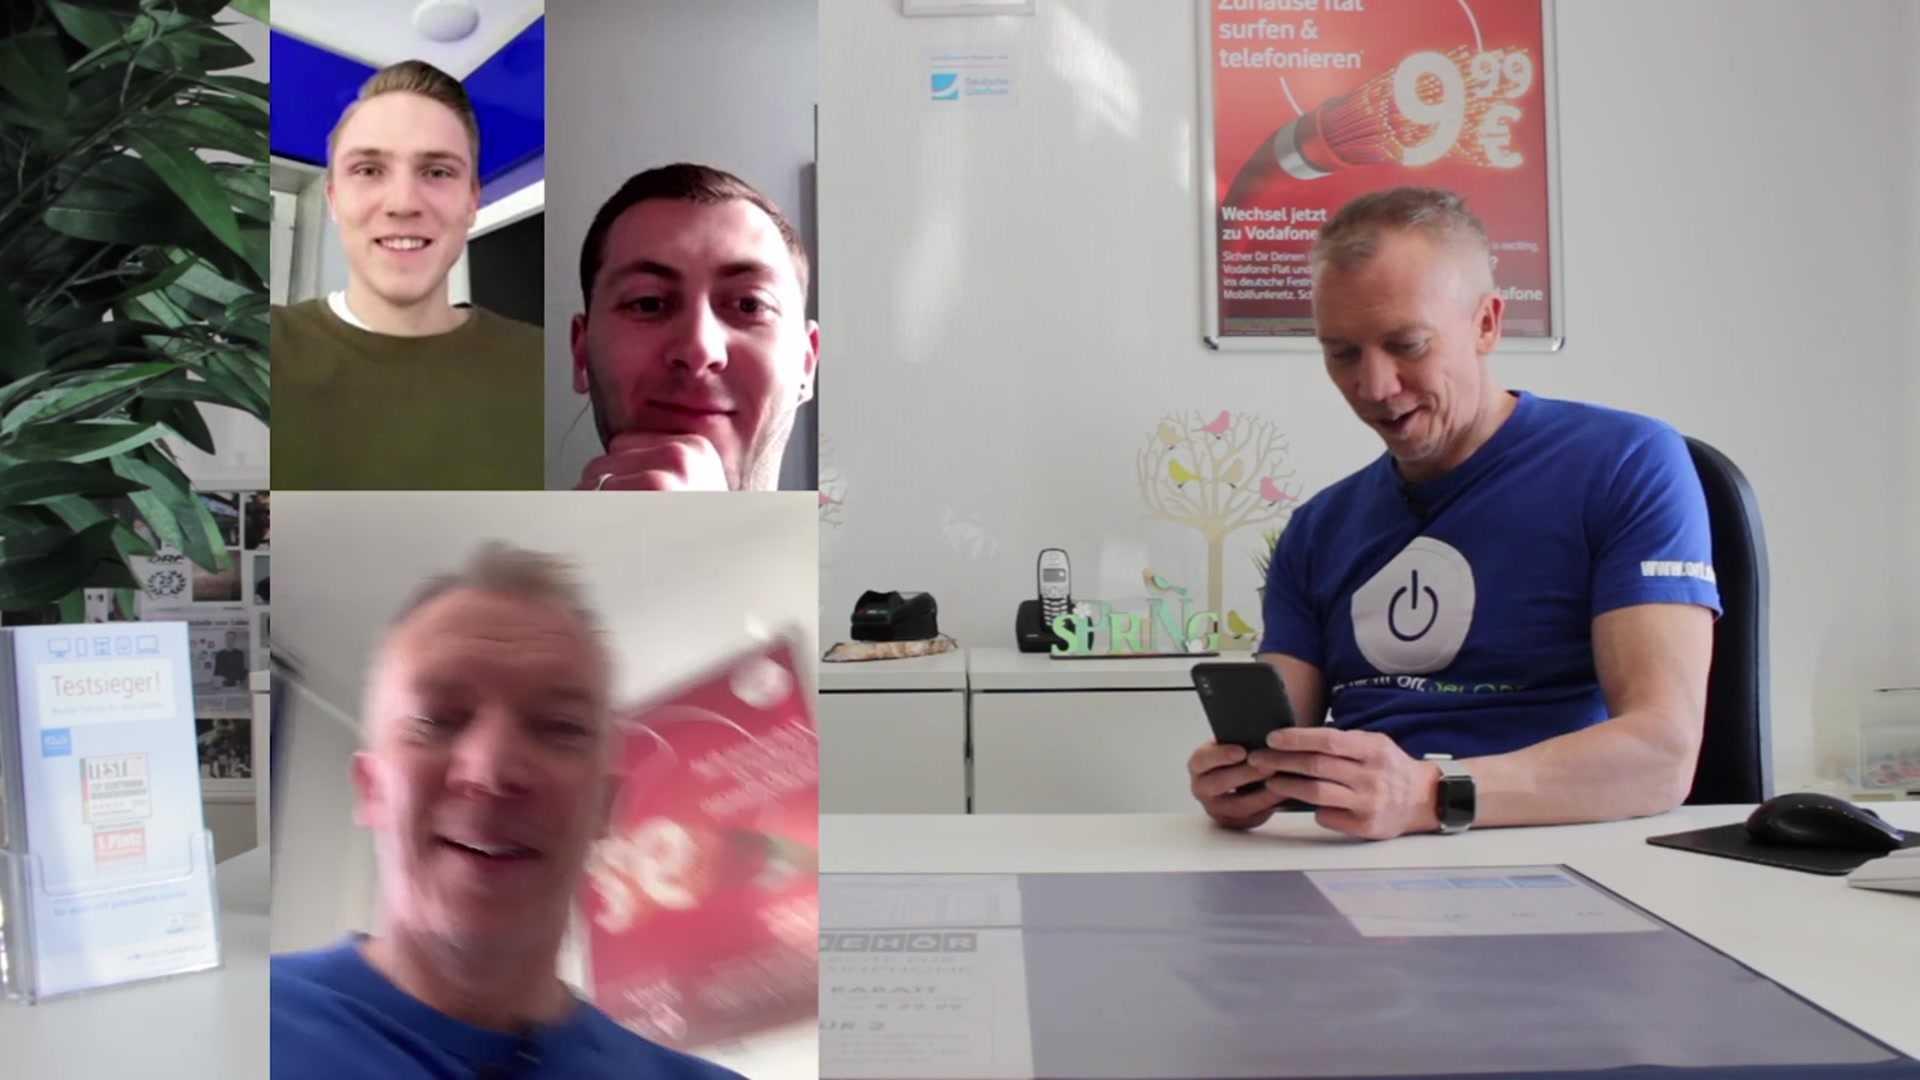 Teil 2 Erklärvideo – Digital Kontakt halten mit der ganzen Familie zeitgleich bei Whatsapp…